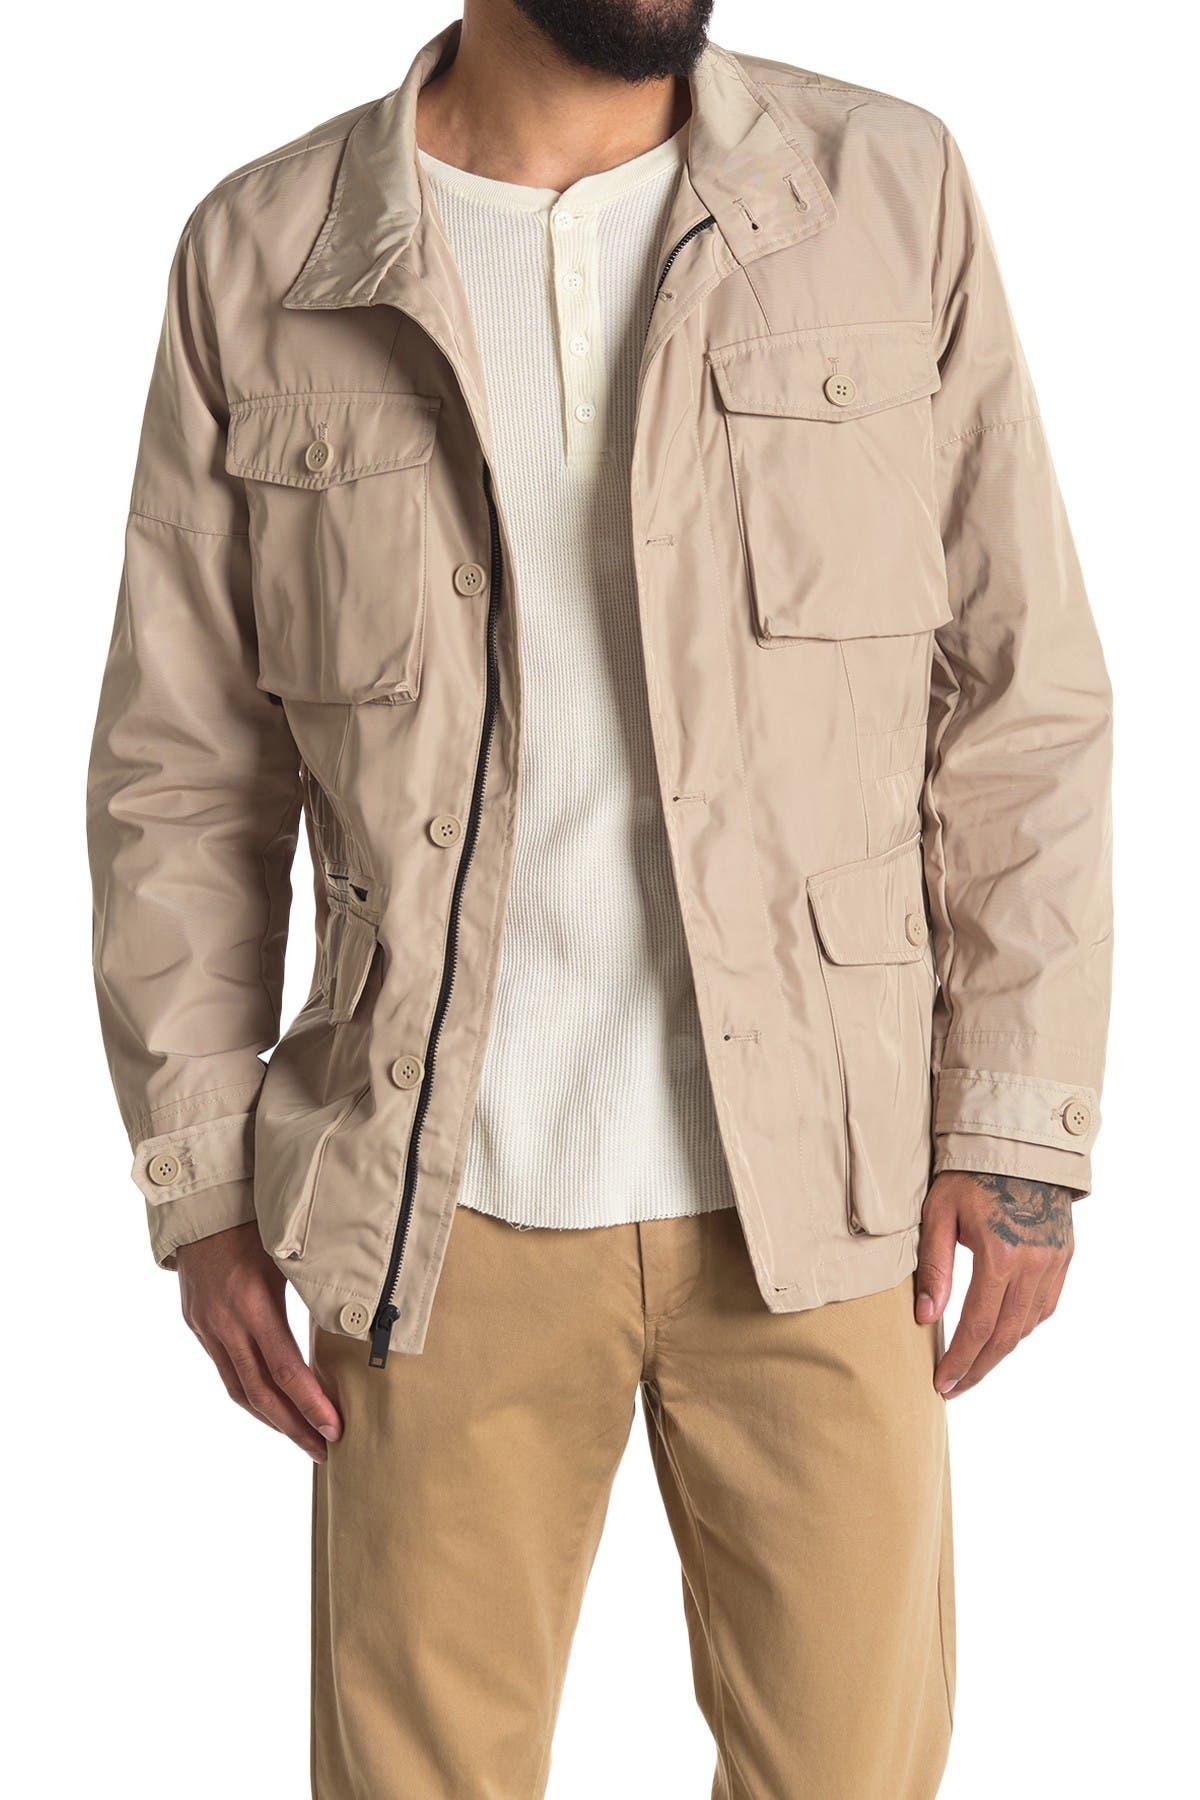 Image of DKNY Field Jacket